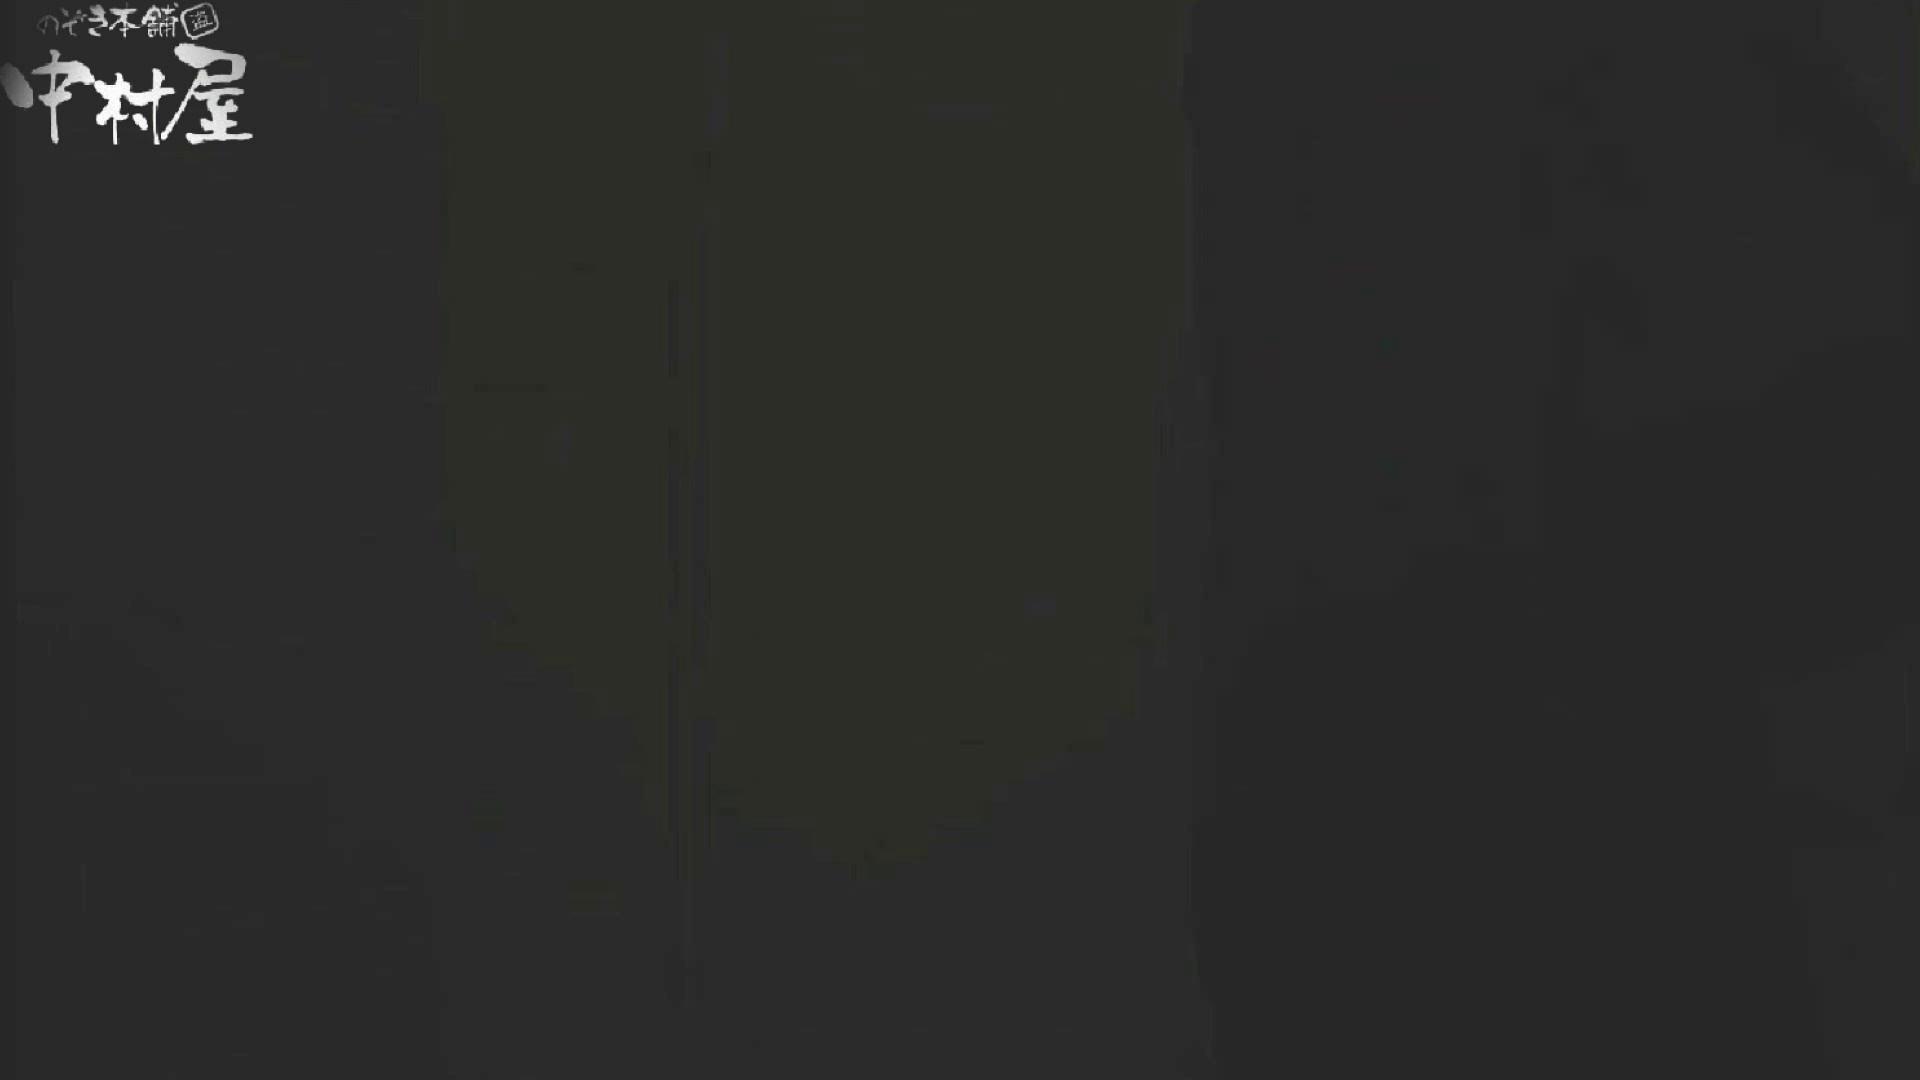 お漏らし寸前デパトイレ盗撮!Vol.12 OLセックス 隠し撮りすけべAV動画紹介 79画像 56